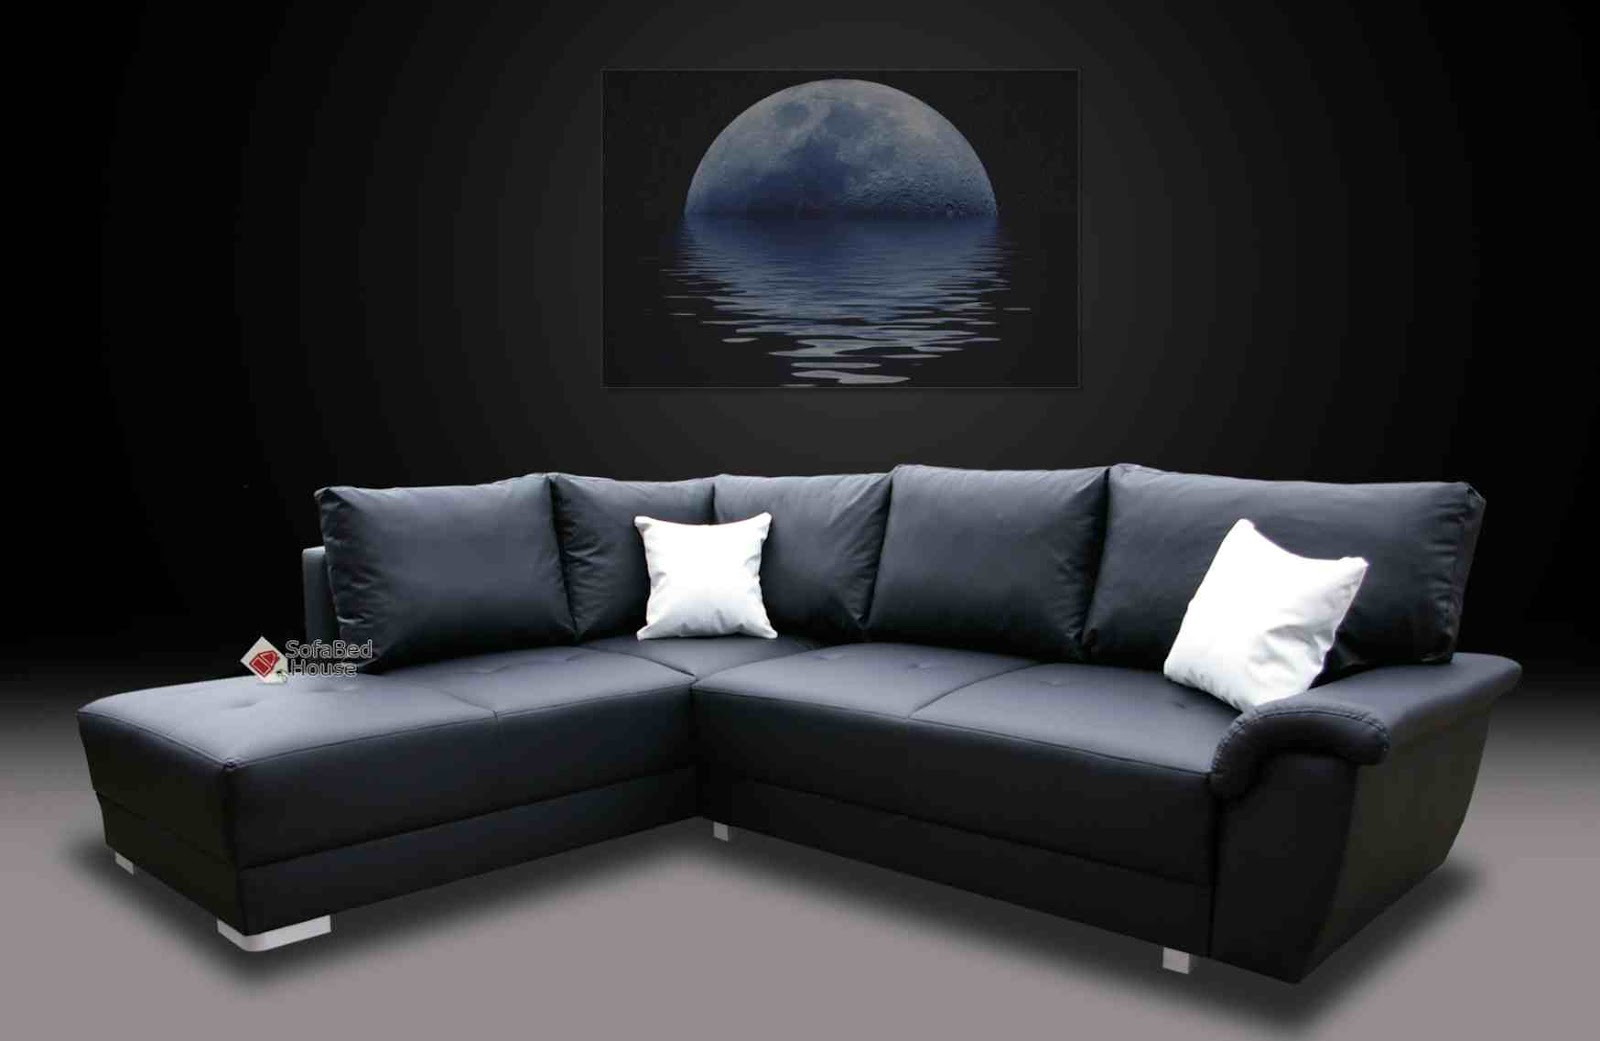 contoh desain sofa ruang tamu minimalis kecil joelnicolas